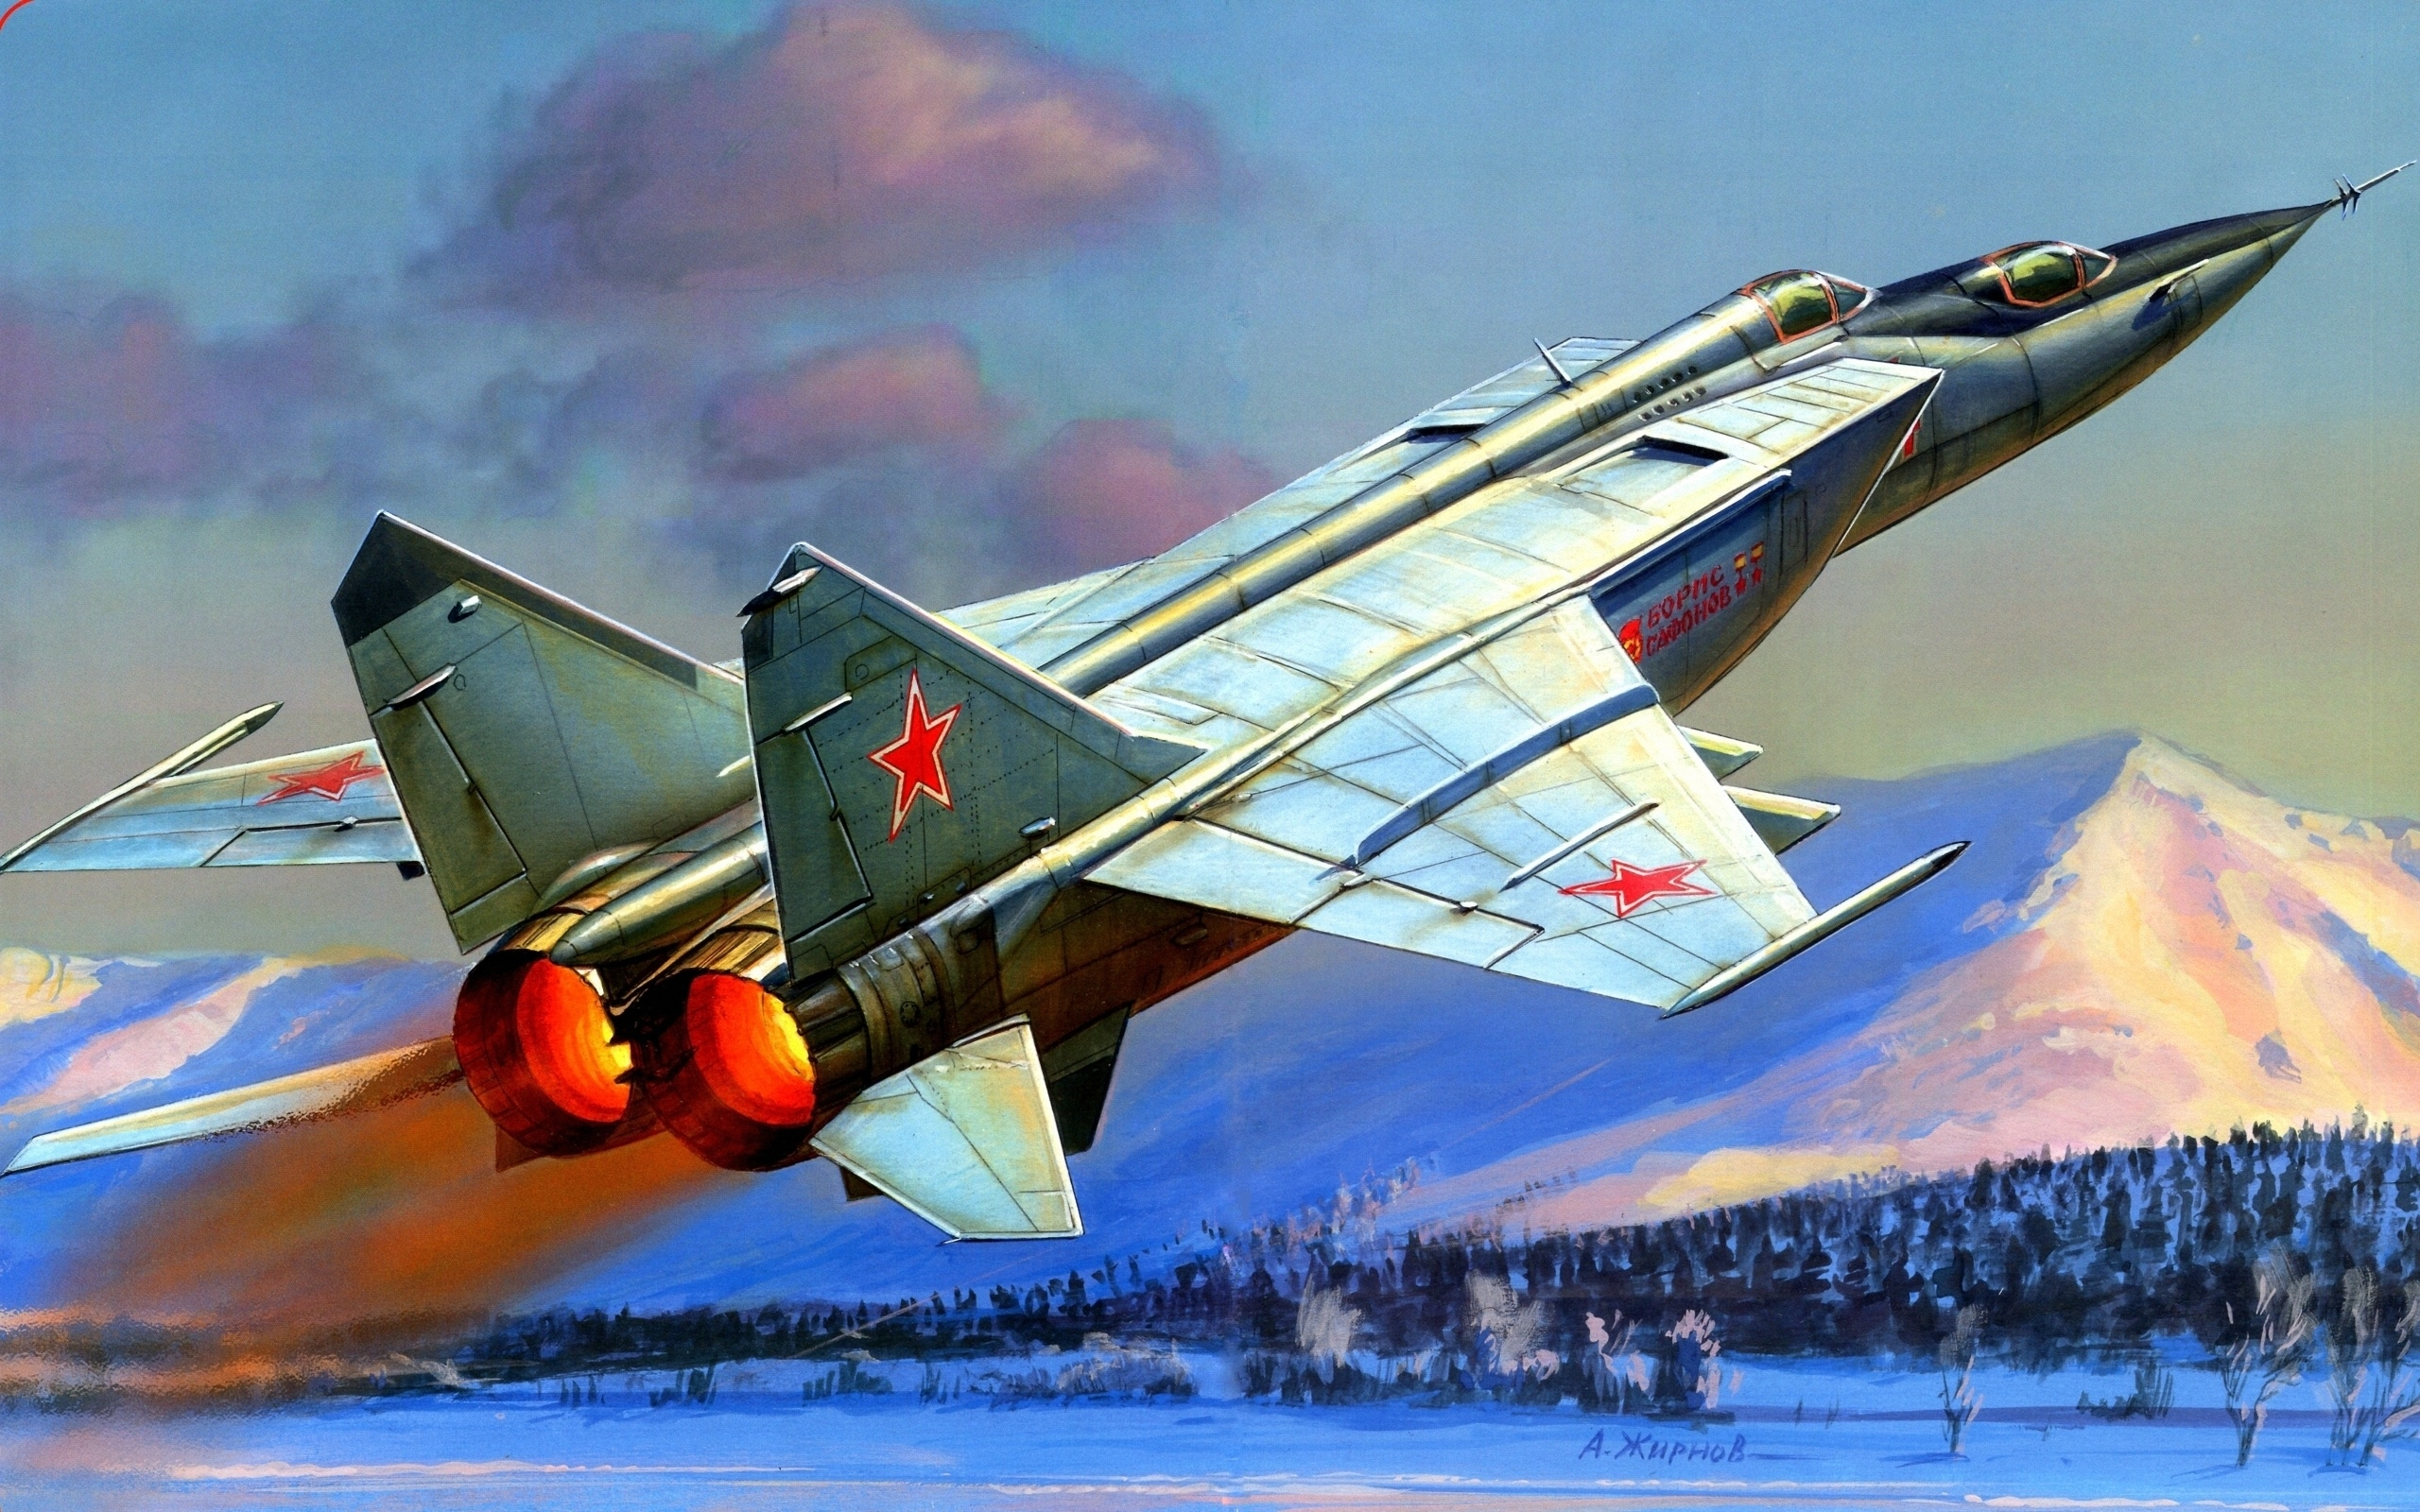 Aircraft MiG 25 Aircrafts Planes OldtimeWallpaperscom 2560x1600